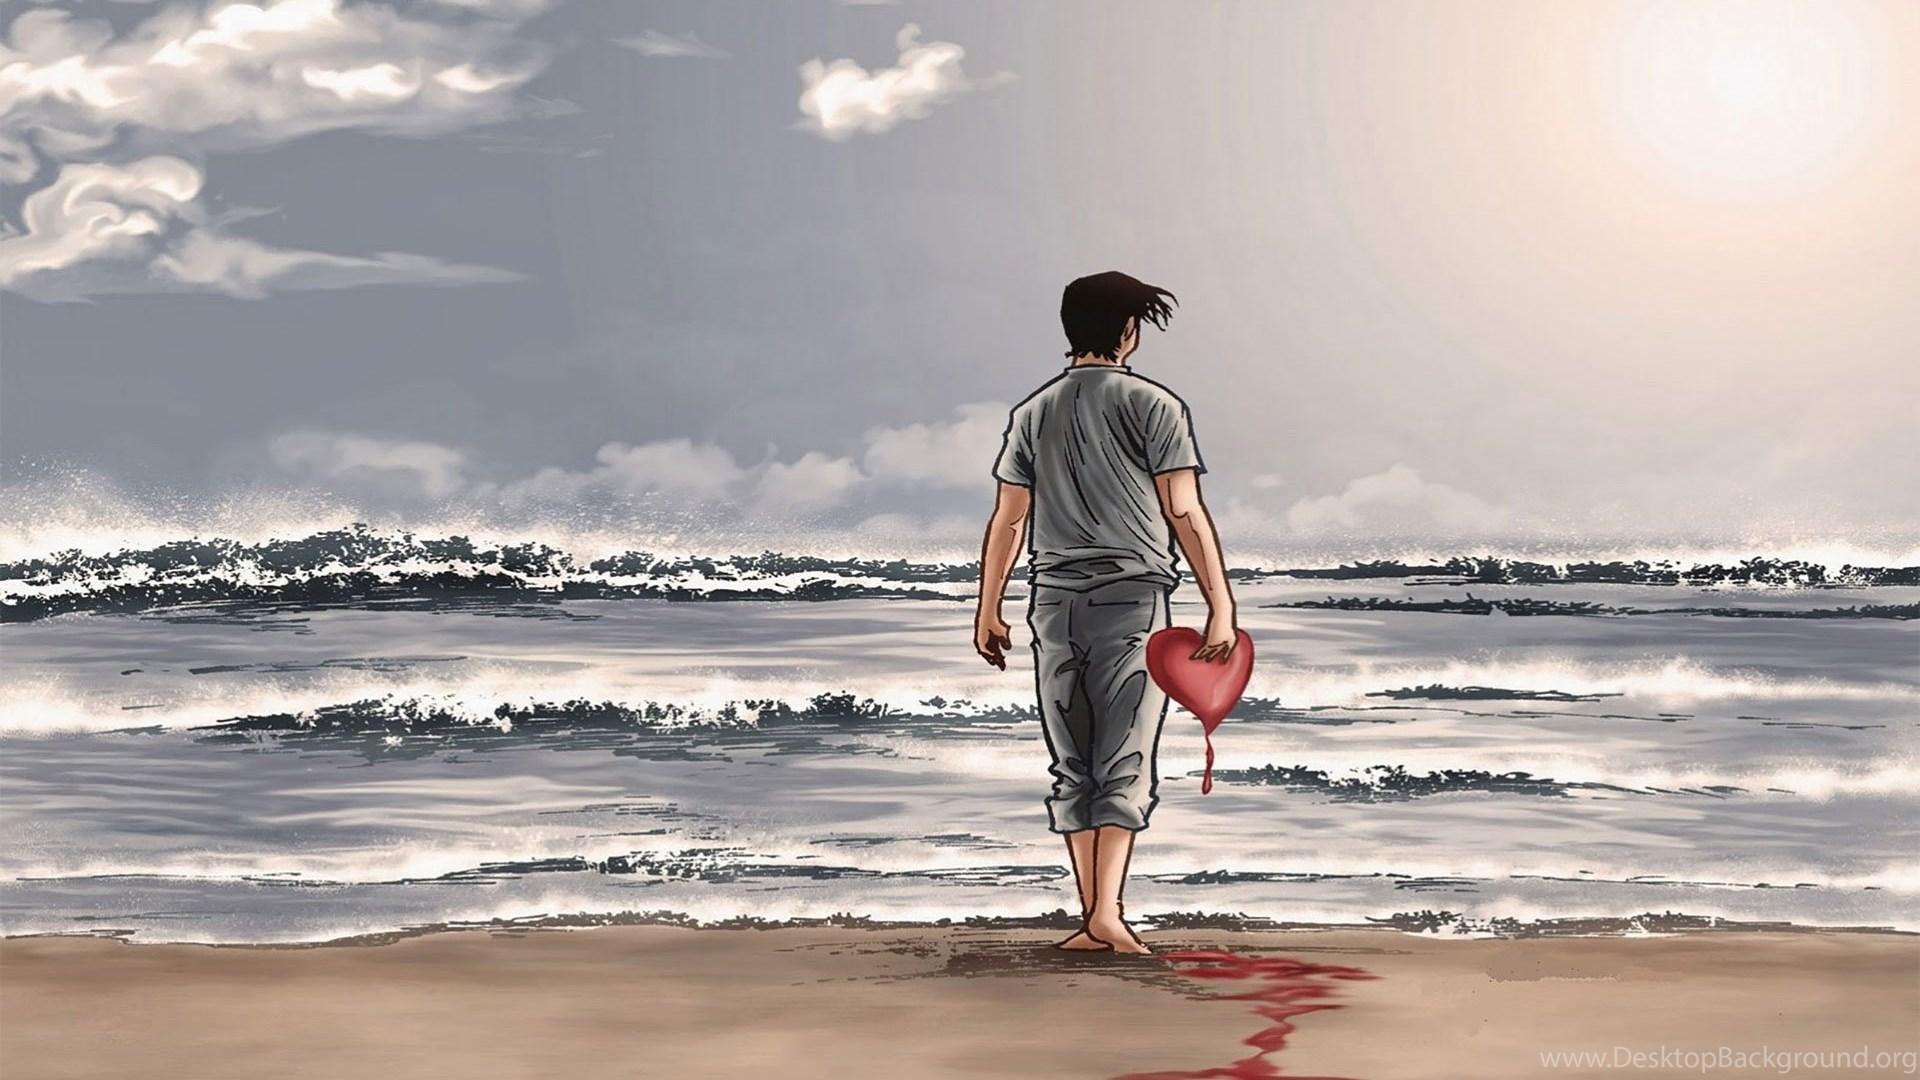 A infância de Piópi acabou naquele dia. O menino que voltou para casa tornou-se adulto no caminho